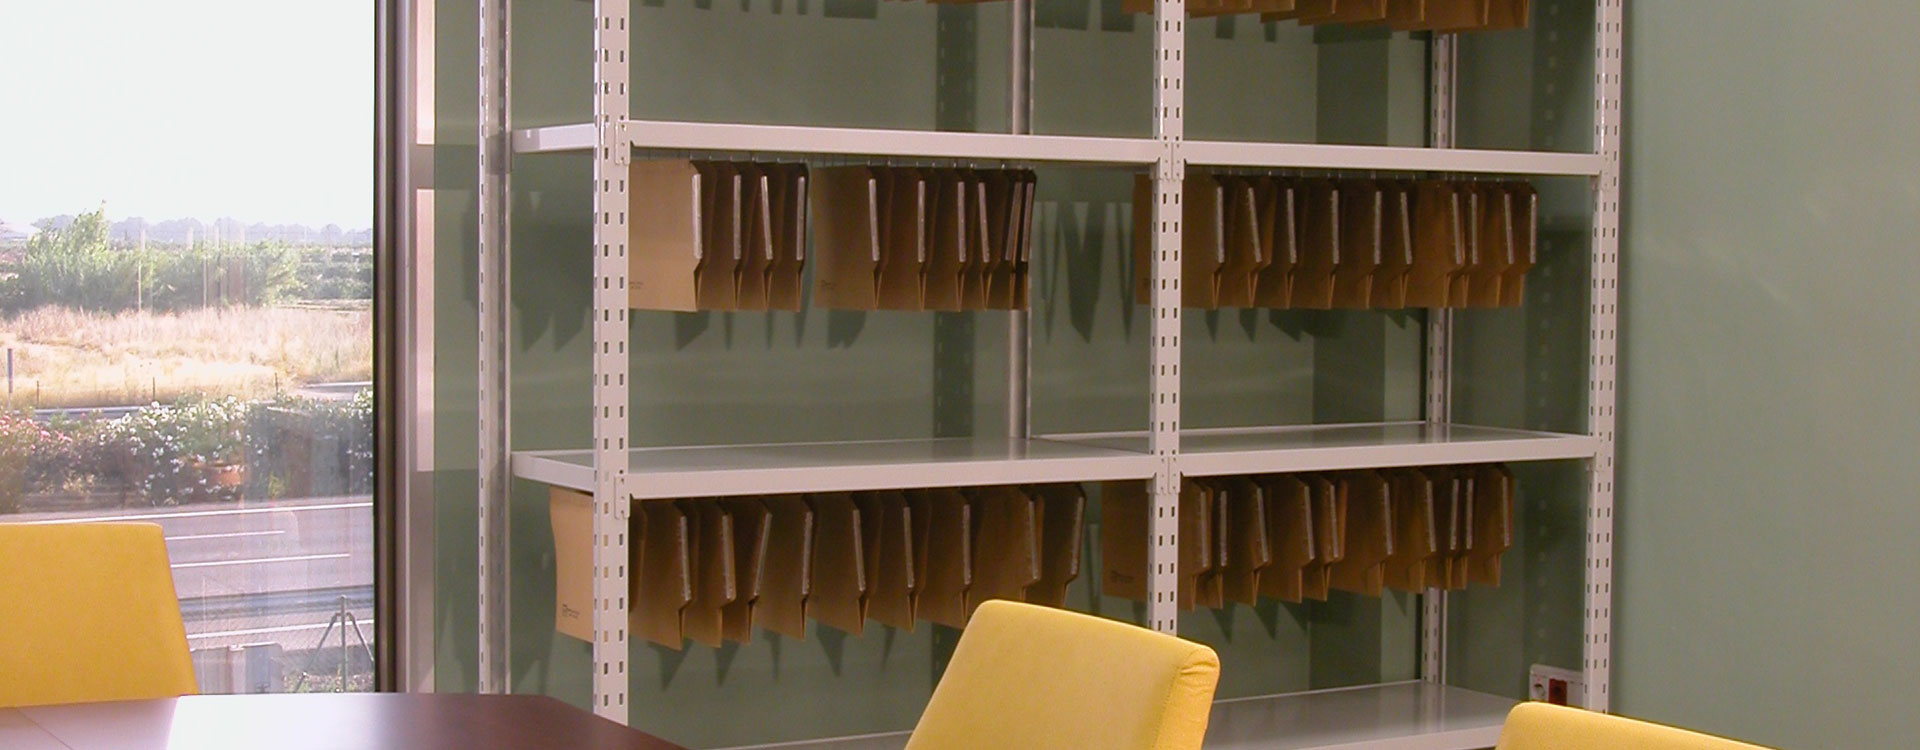 Rasterom rafturi pentru birouri